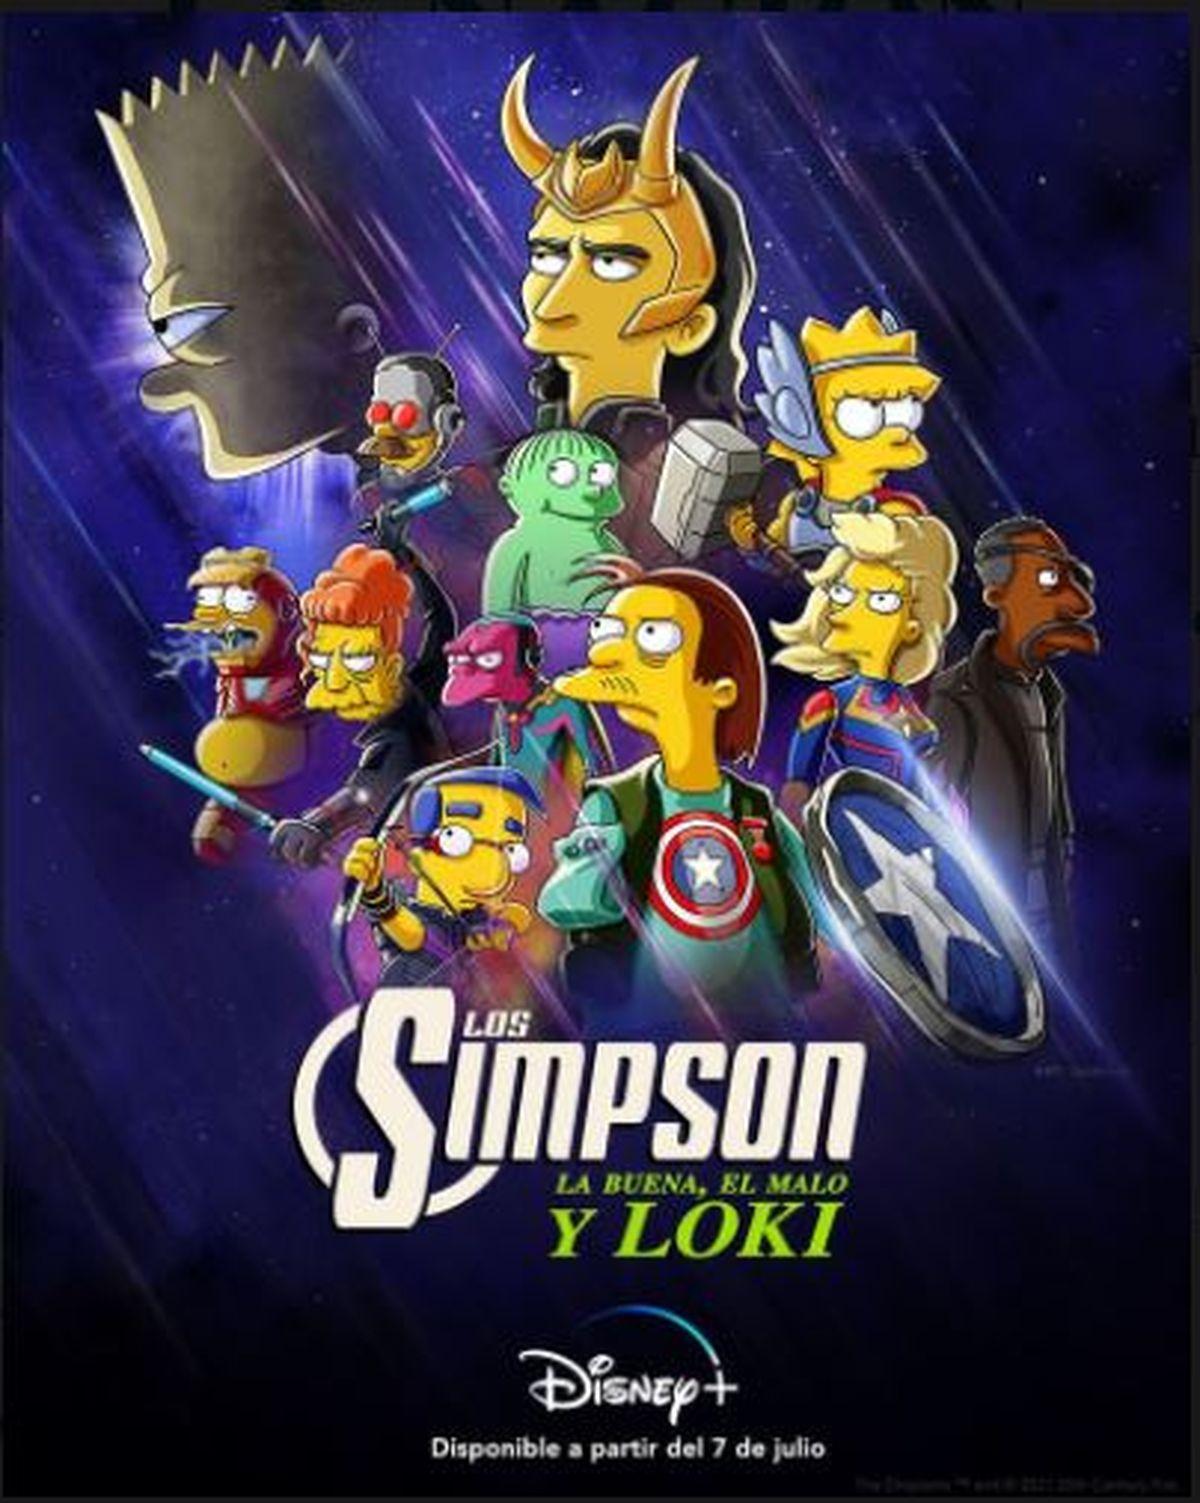 Este es el afiche del nuevo corto de Los Simpson: La buena